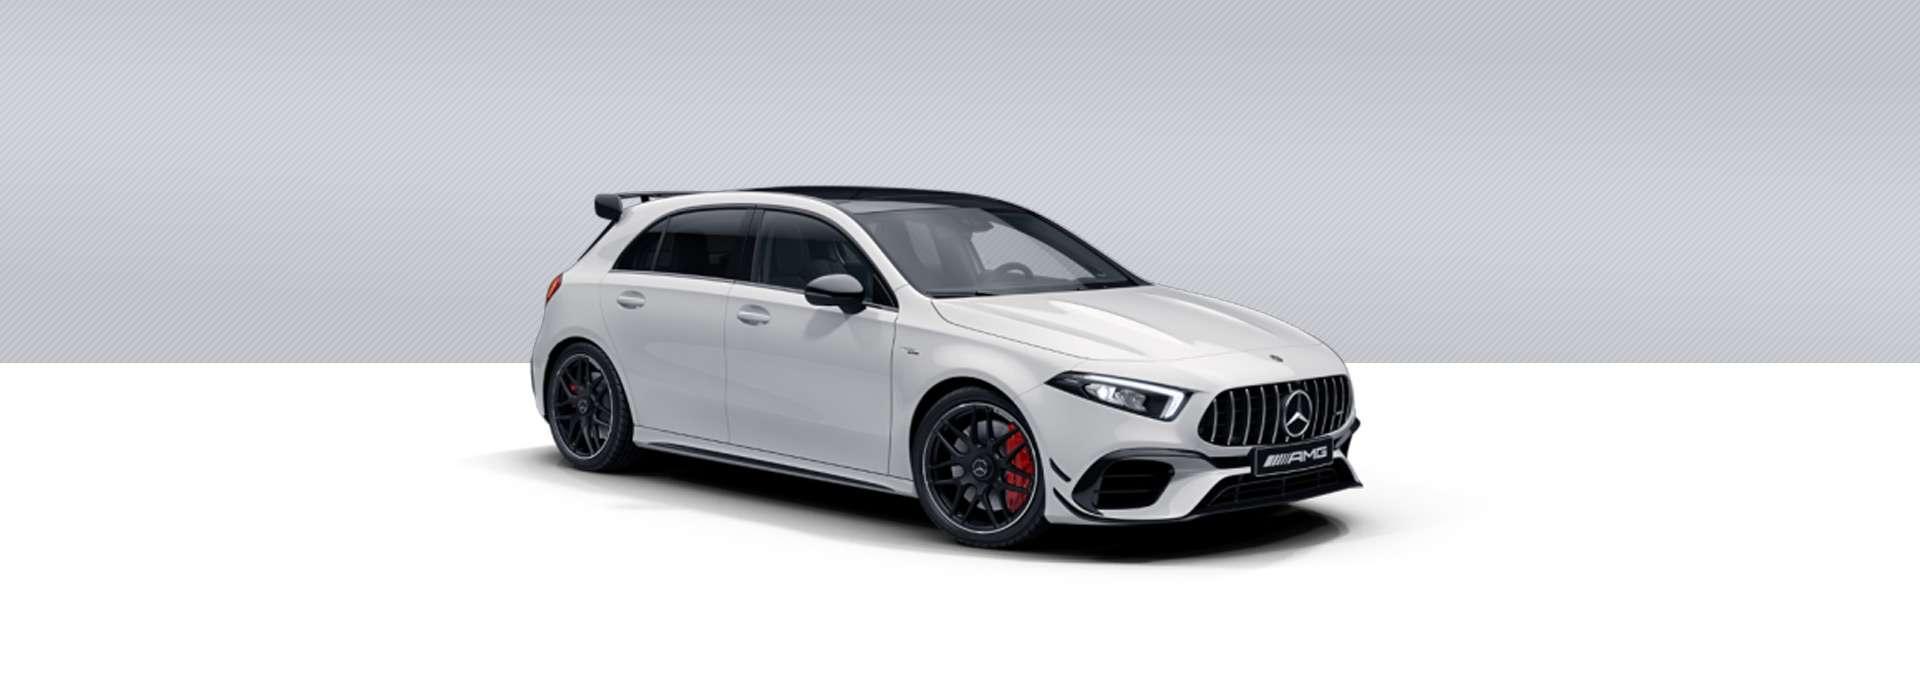 Mercedes Benz AMG CLASE A COMPACTO